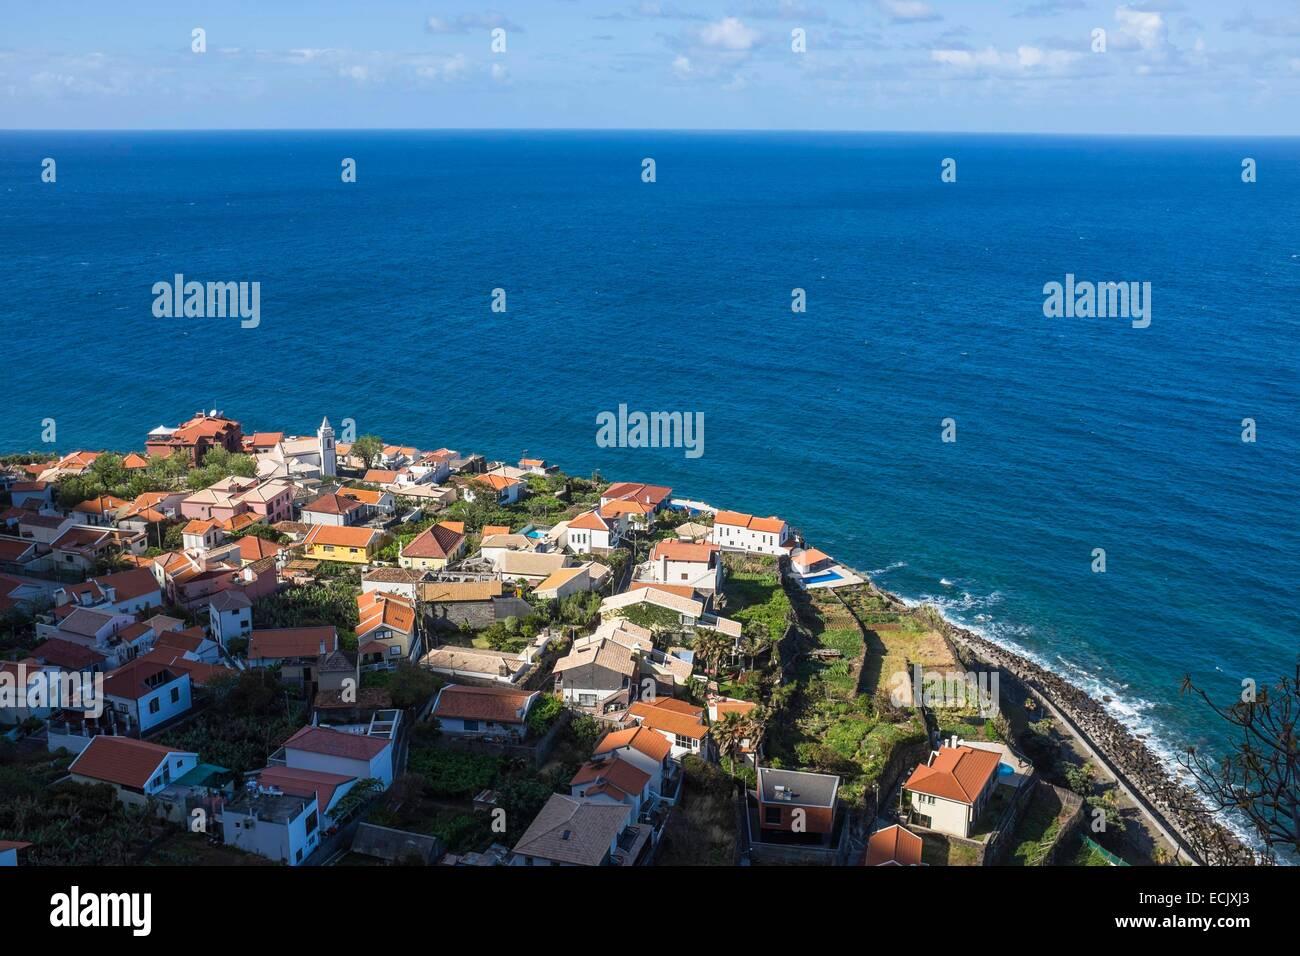 Portugal Madeira Island Jardim Do Mar A Picturesque